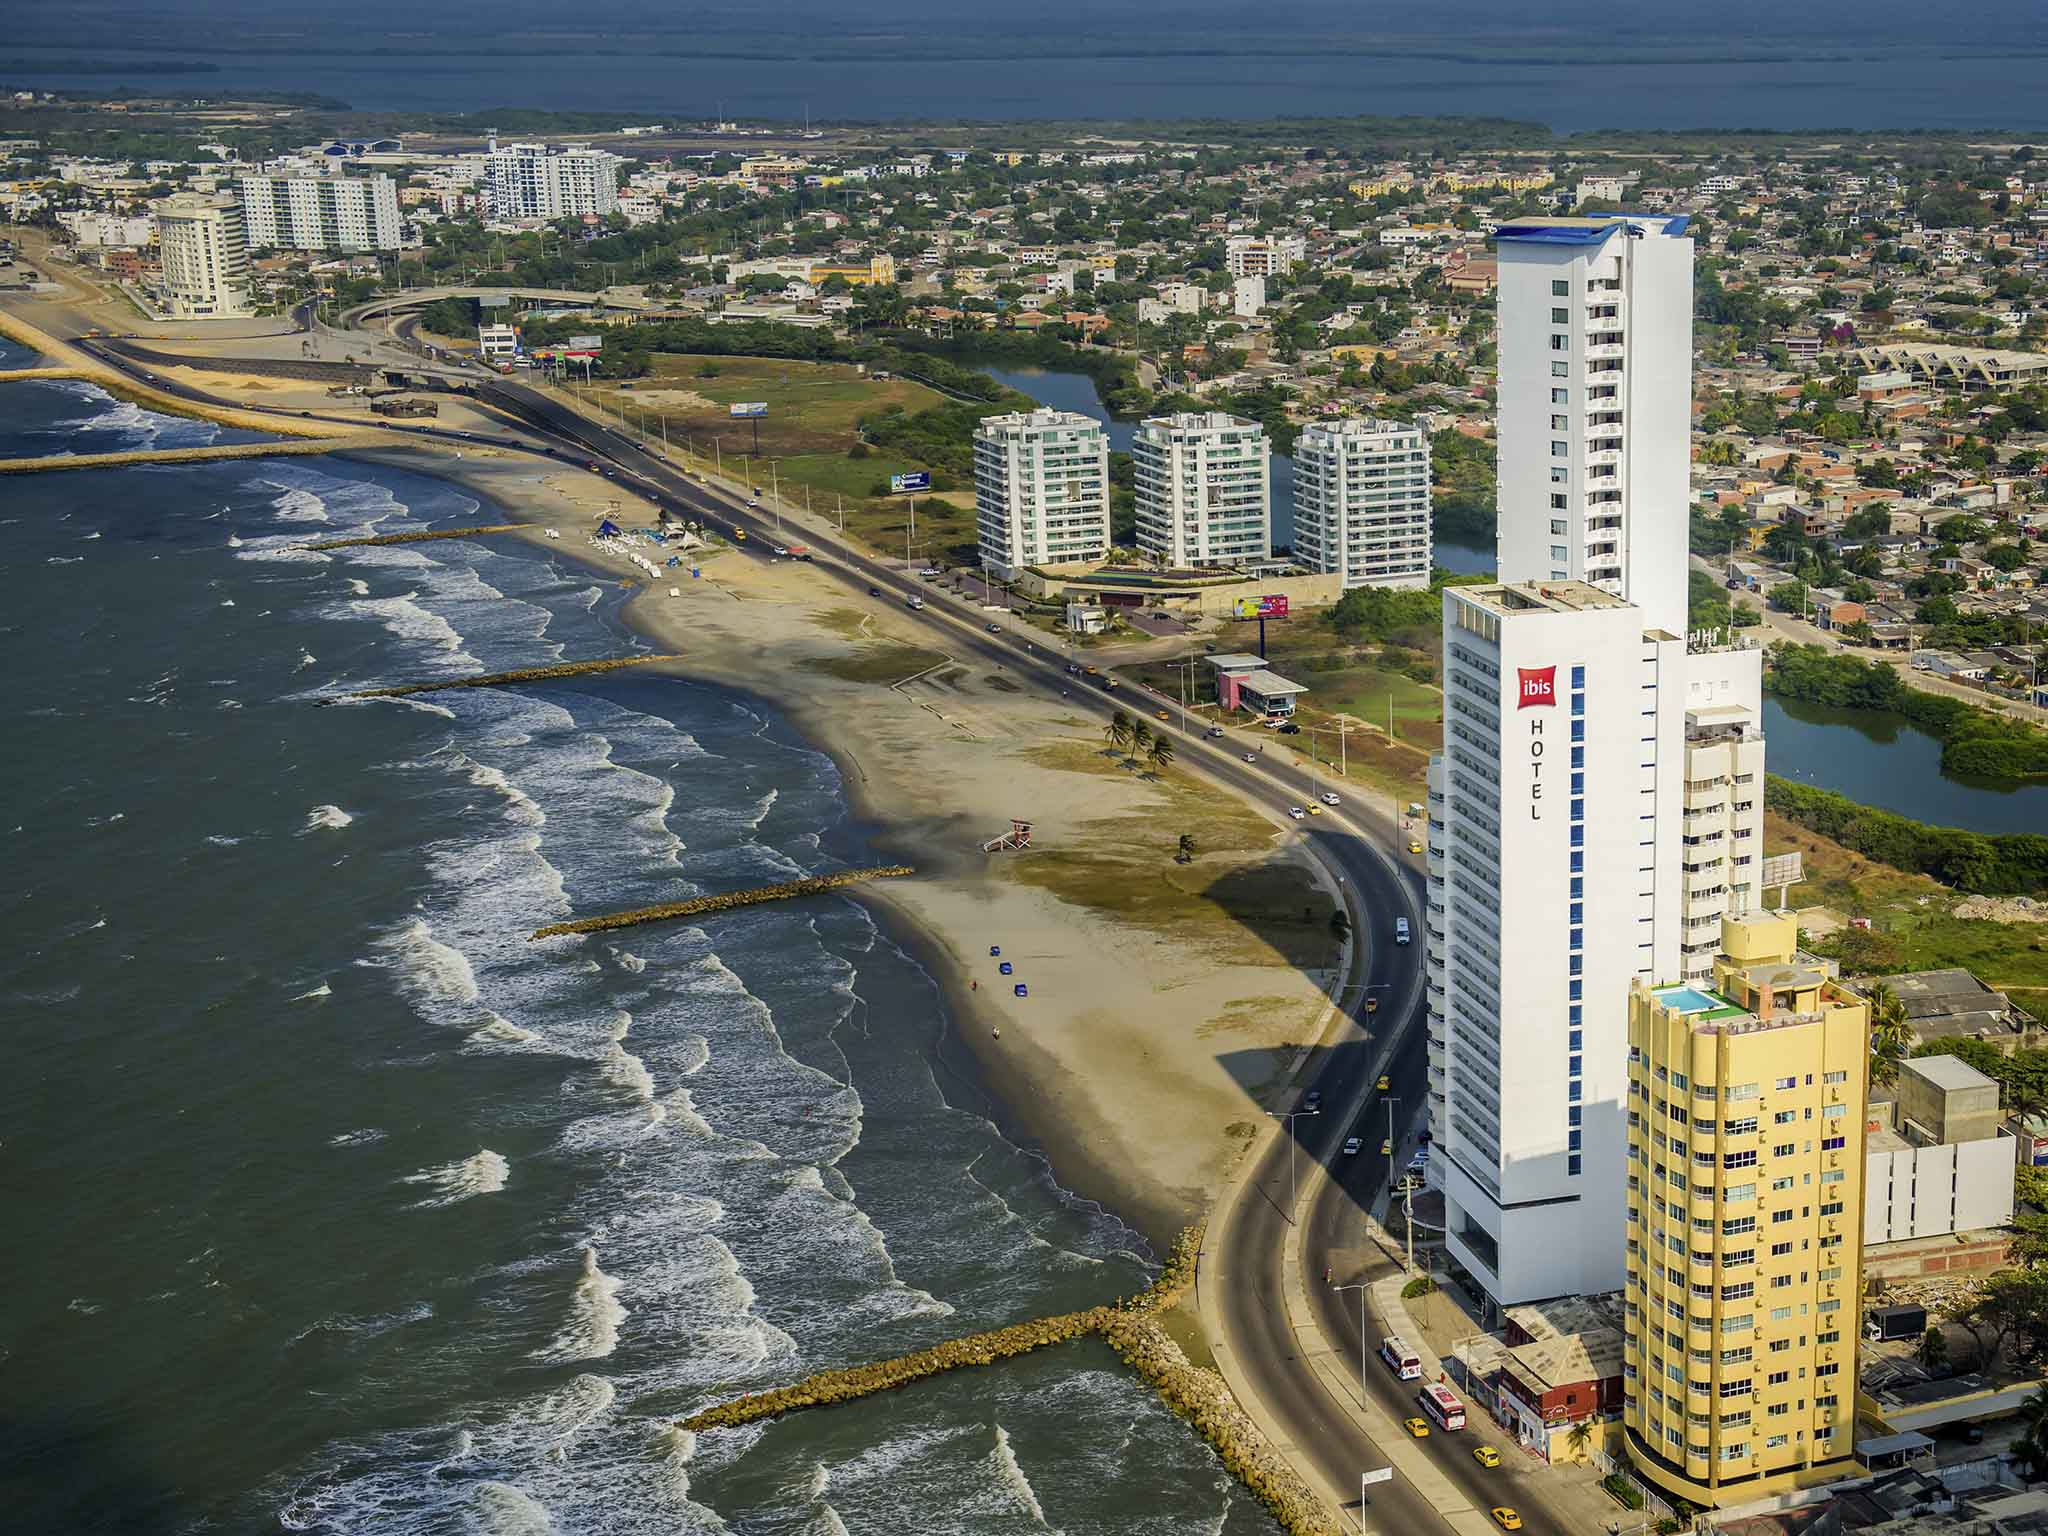 Hotel In Cartagena Ibis Cartagena Marbella Accor